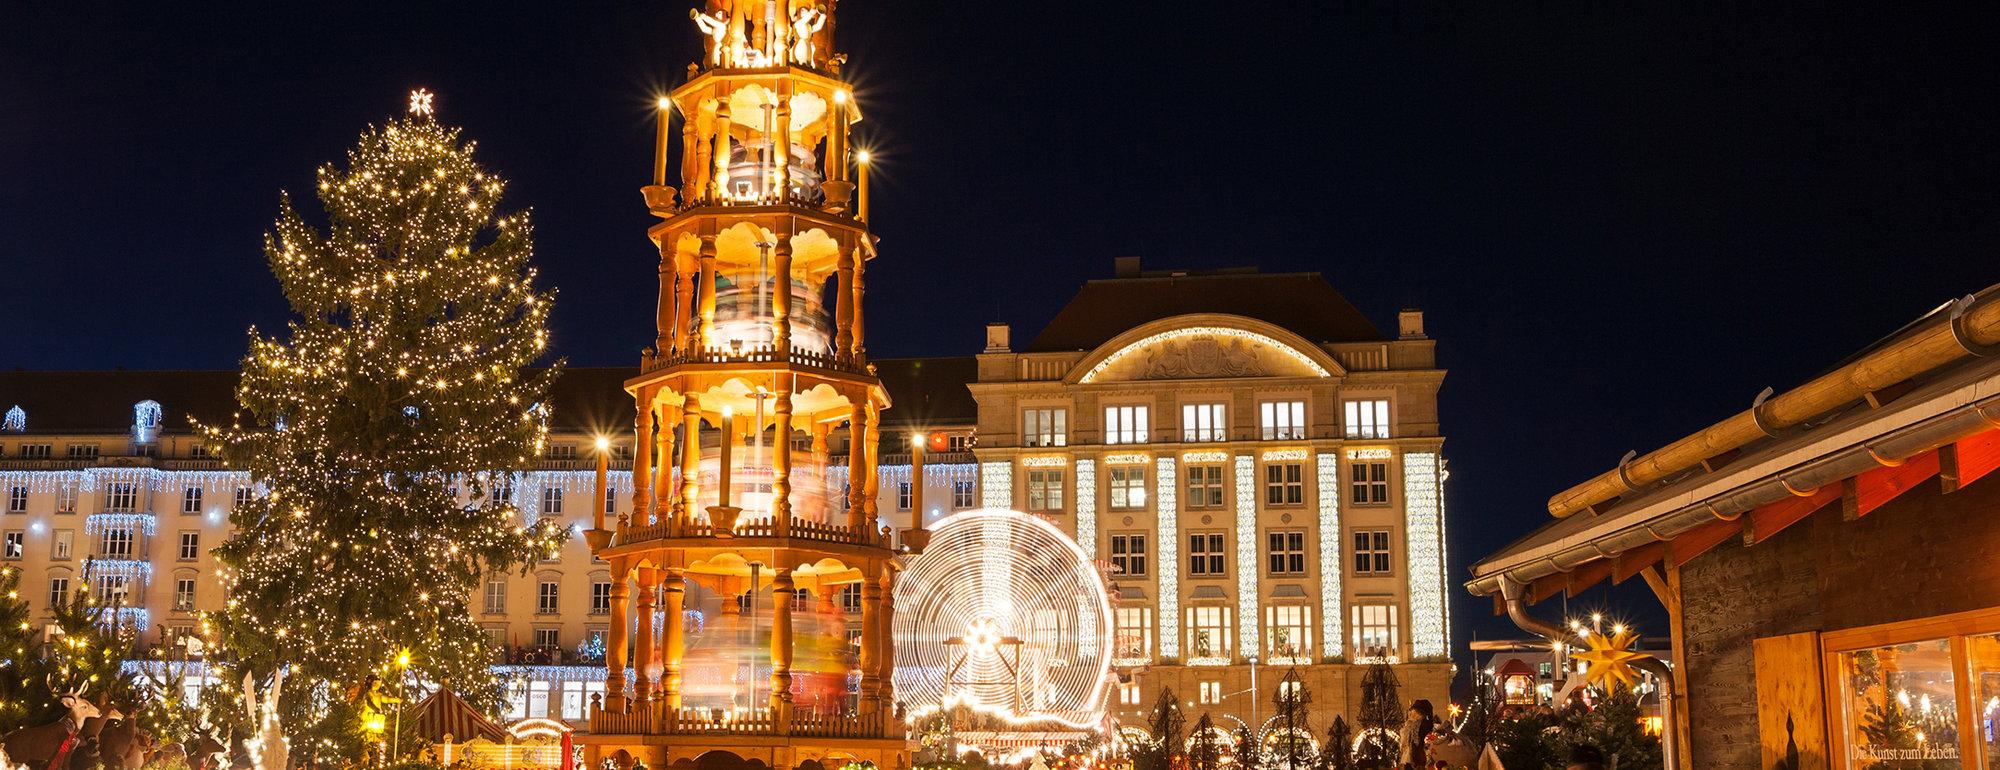 Kerstmarkt Dresden.01